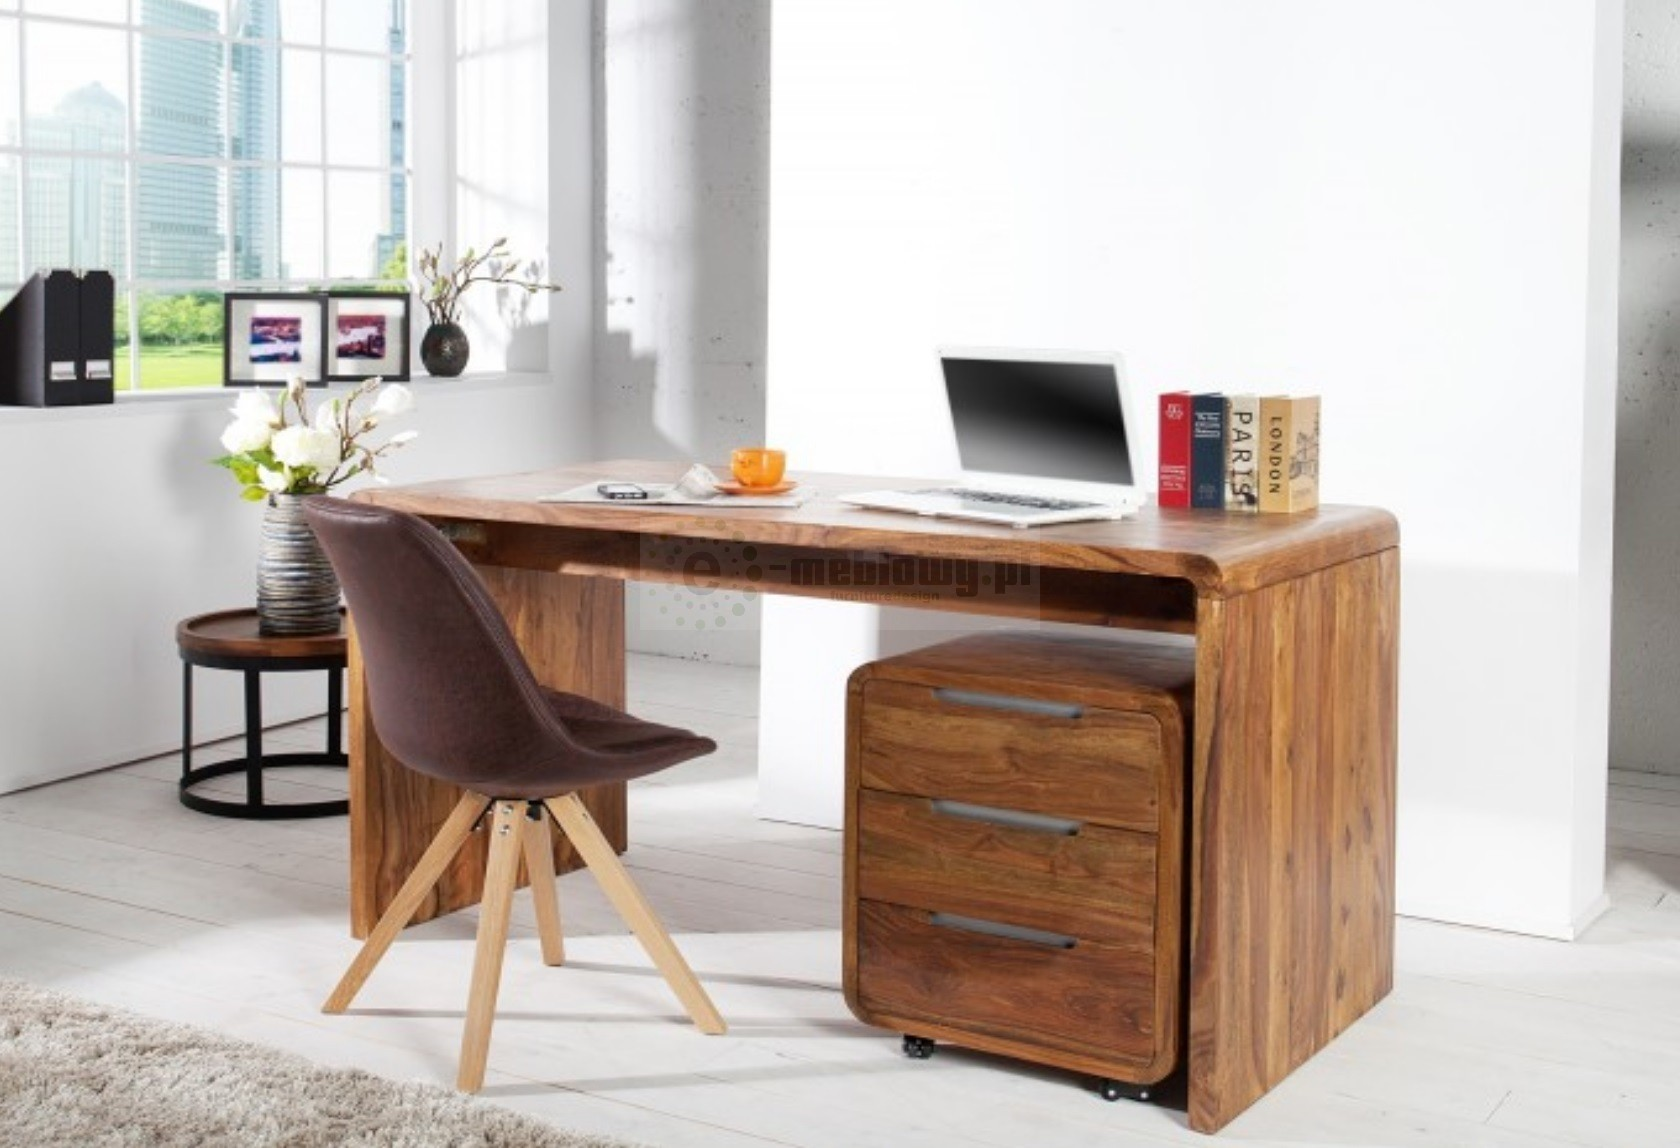 Tylko na zewnątrz Drewniane biurko Fidżi, biurko 150cm, biurka, eleganckie biurka CL53